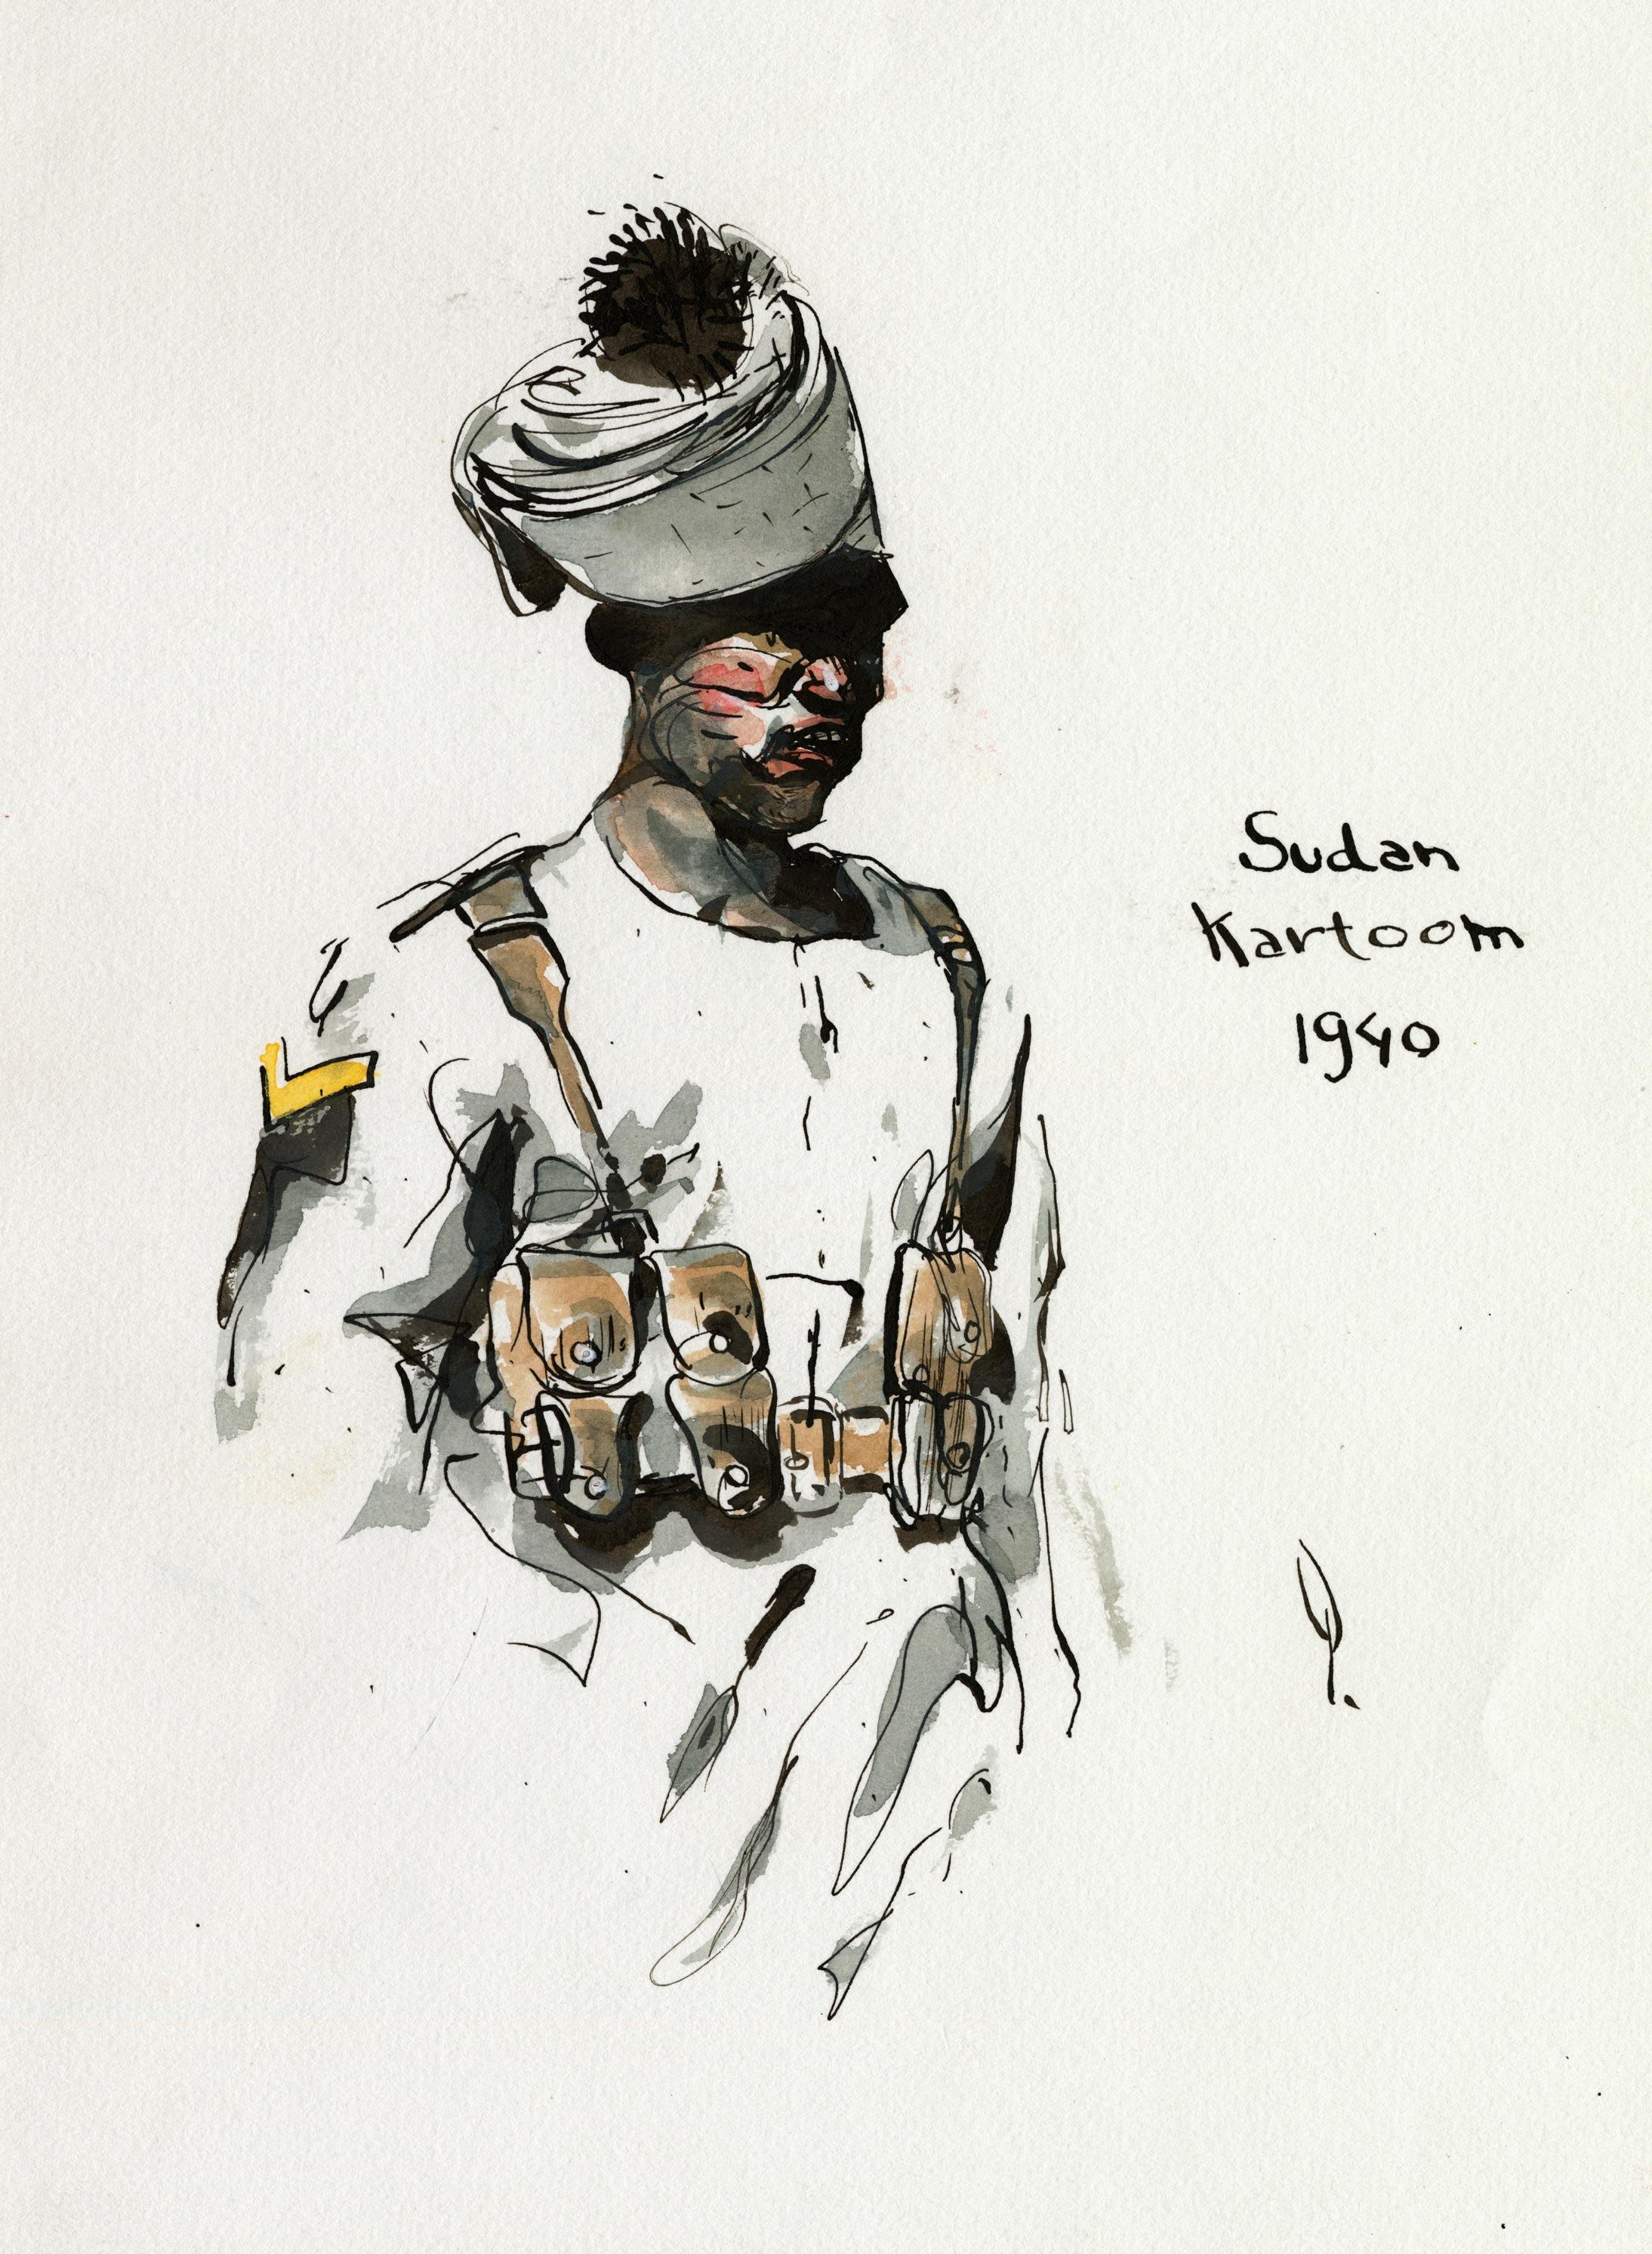 Sudan Kartoom 1940 Watercolor.jpg